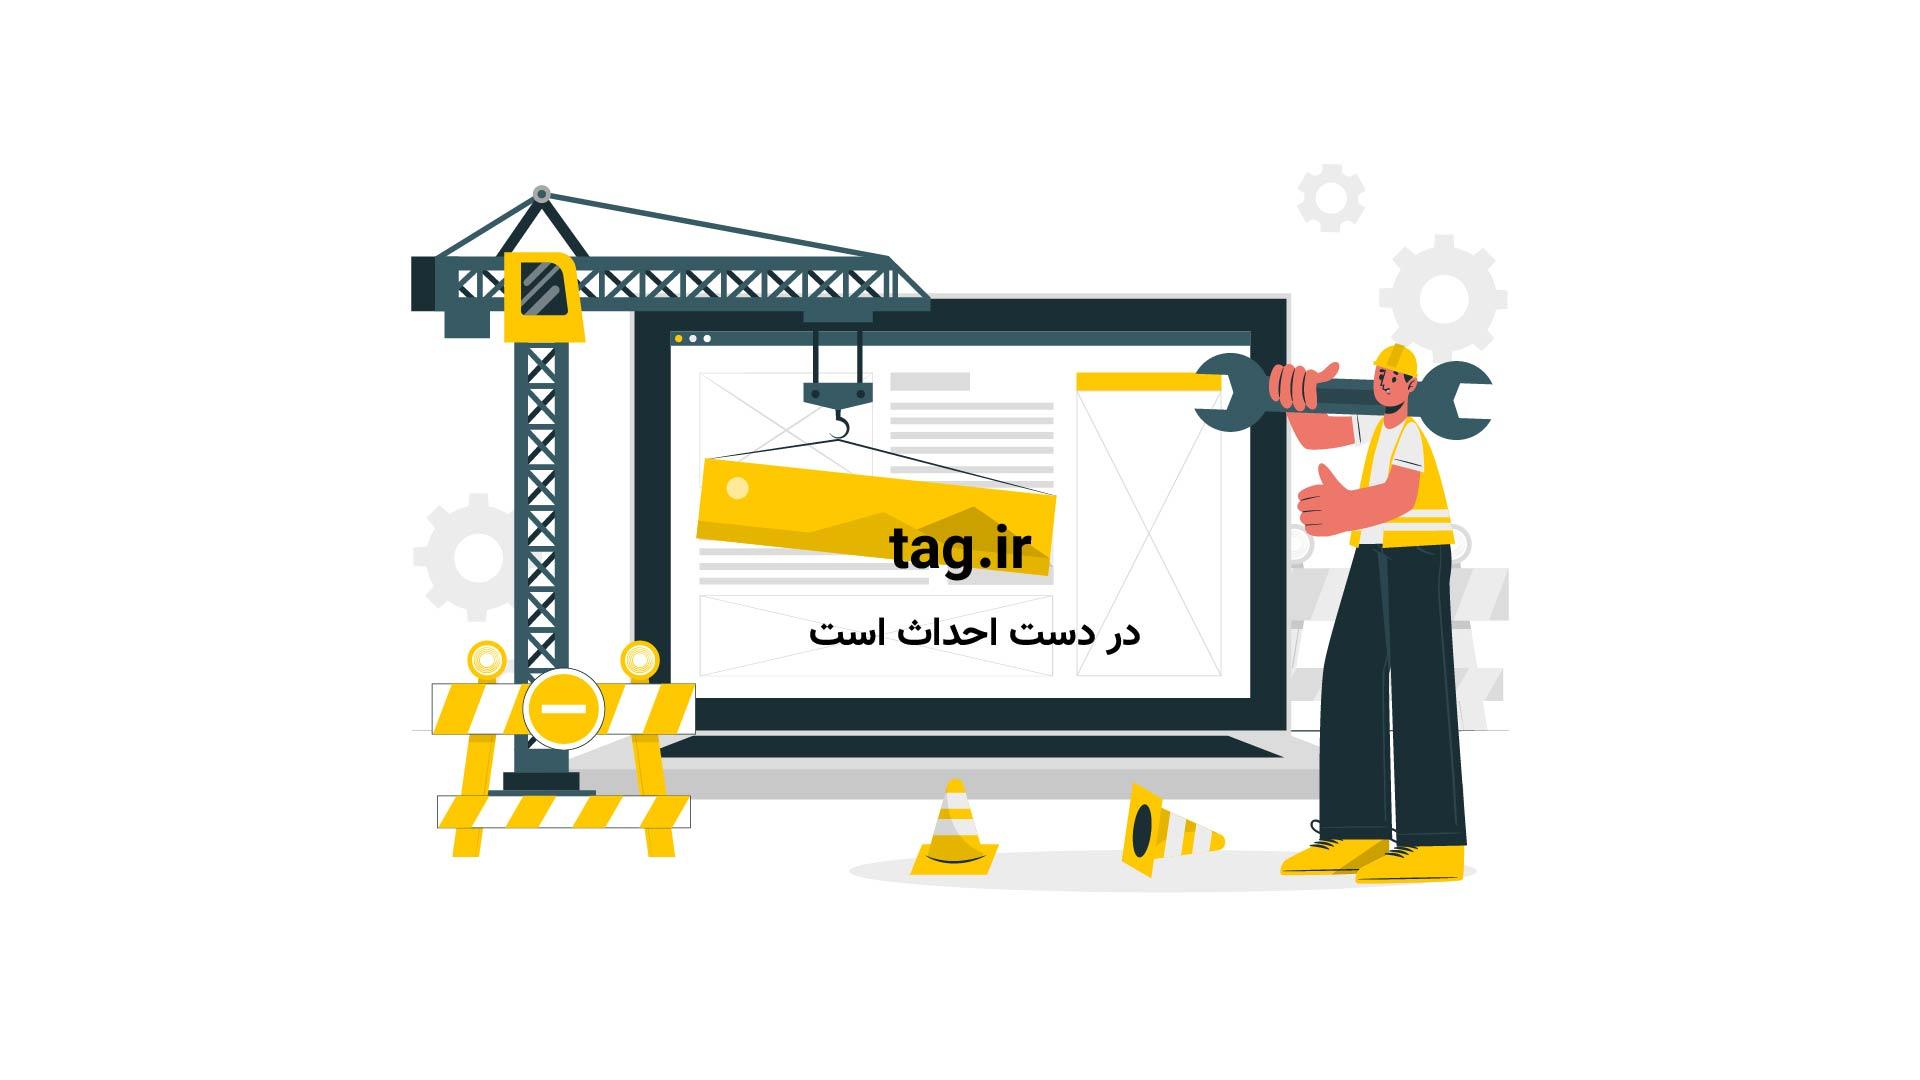 نماهنگ زیبا از افتتاحیه المپیک ریو + فیلم